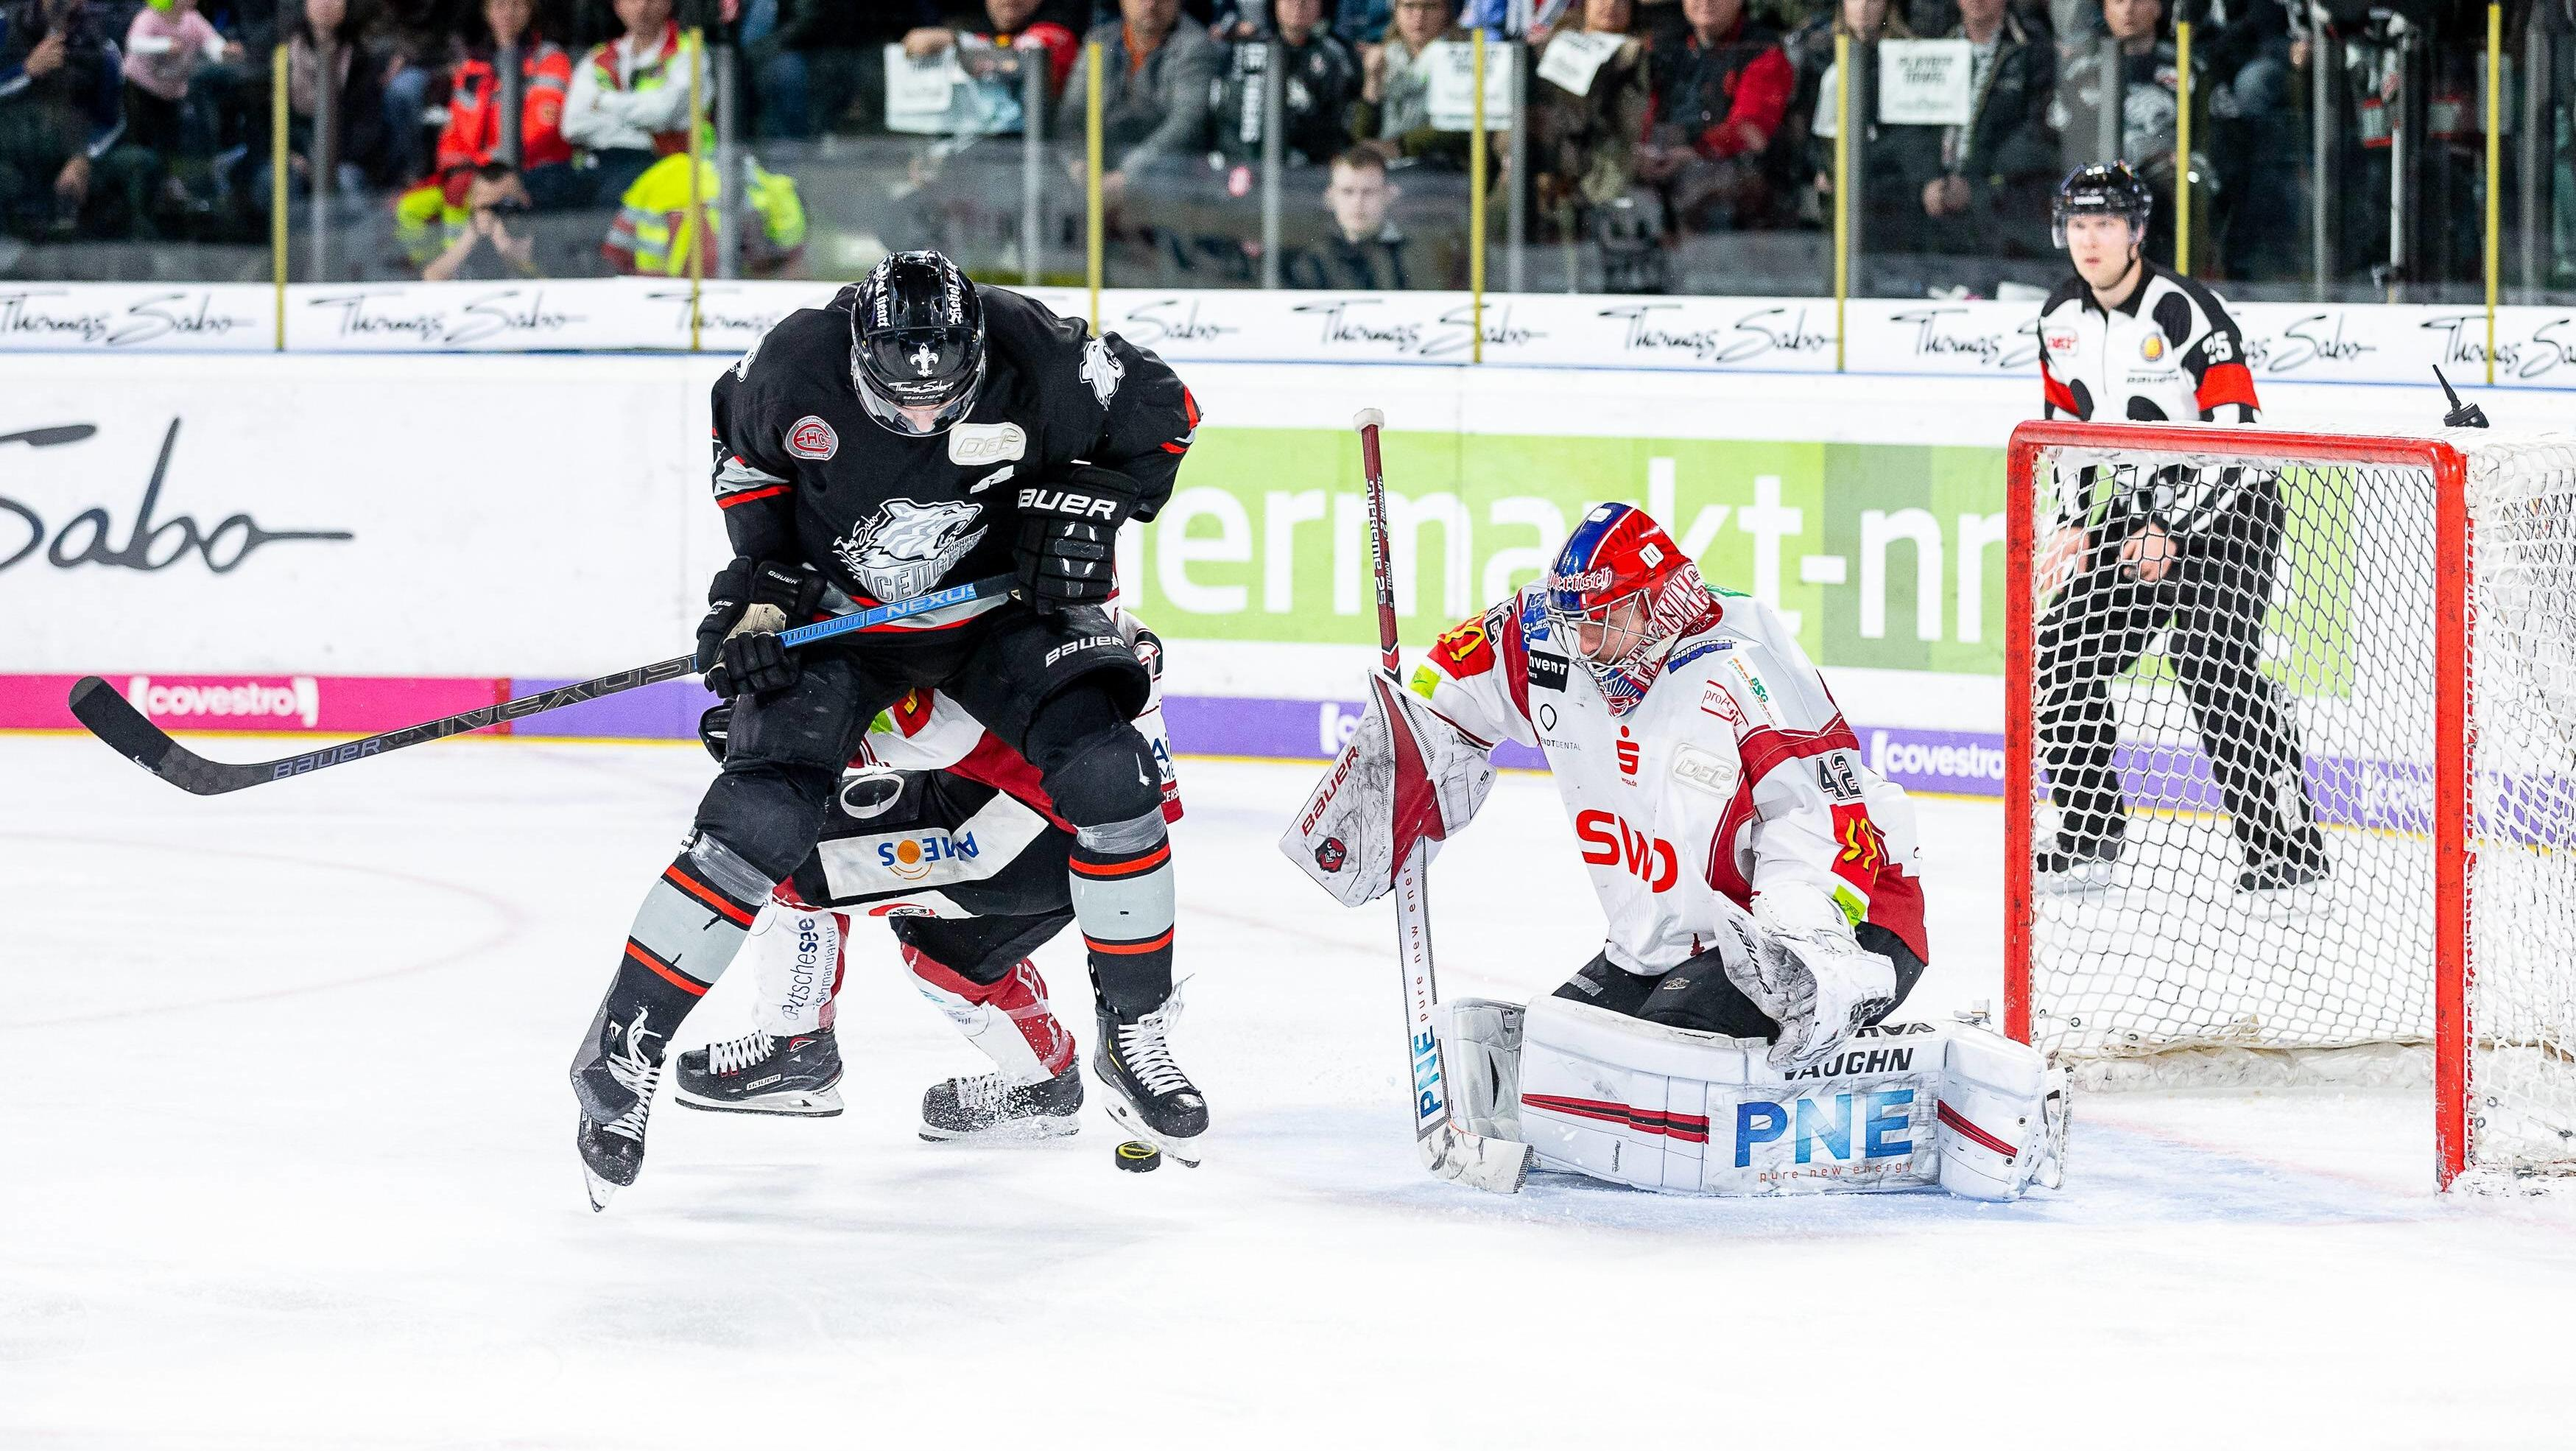 Eishockey Nürnberg Verliert Marathonspiel Straubing Ist Raus Br24